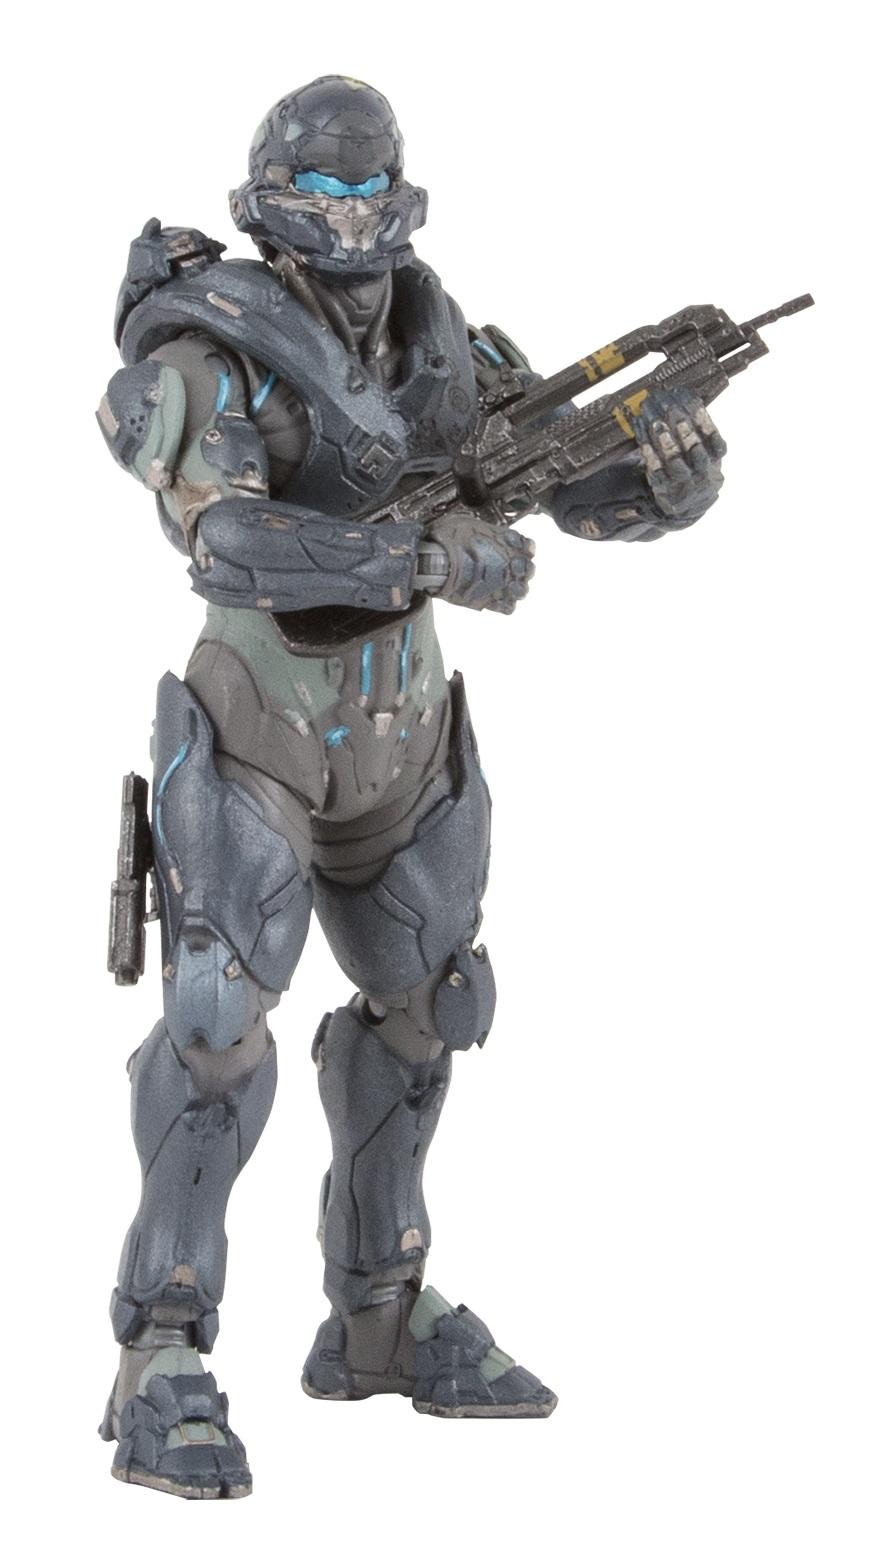 Фигурка Halo 5. Spartan Locke (15 см)Представляем вашему вниманию фигурку Halo 5. Spartan Locke, воплощающую собой одного из элитных спартанцев из Команды Осирис и Синей Команды, хорошо известных всем поклонникам игры Halo 5: Guardians.<br>